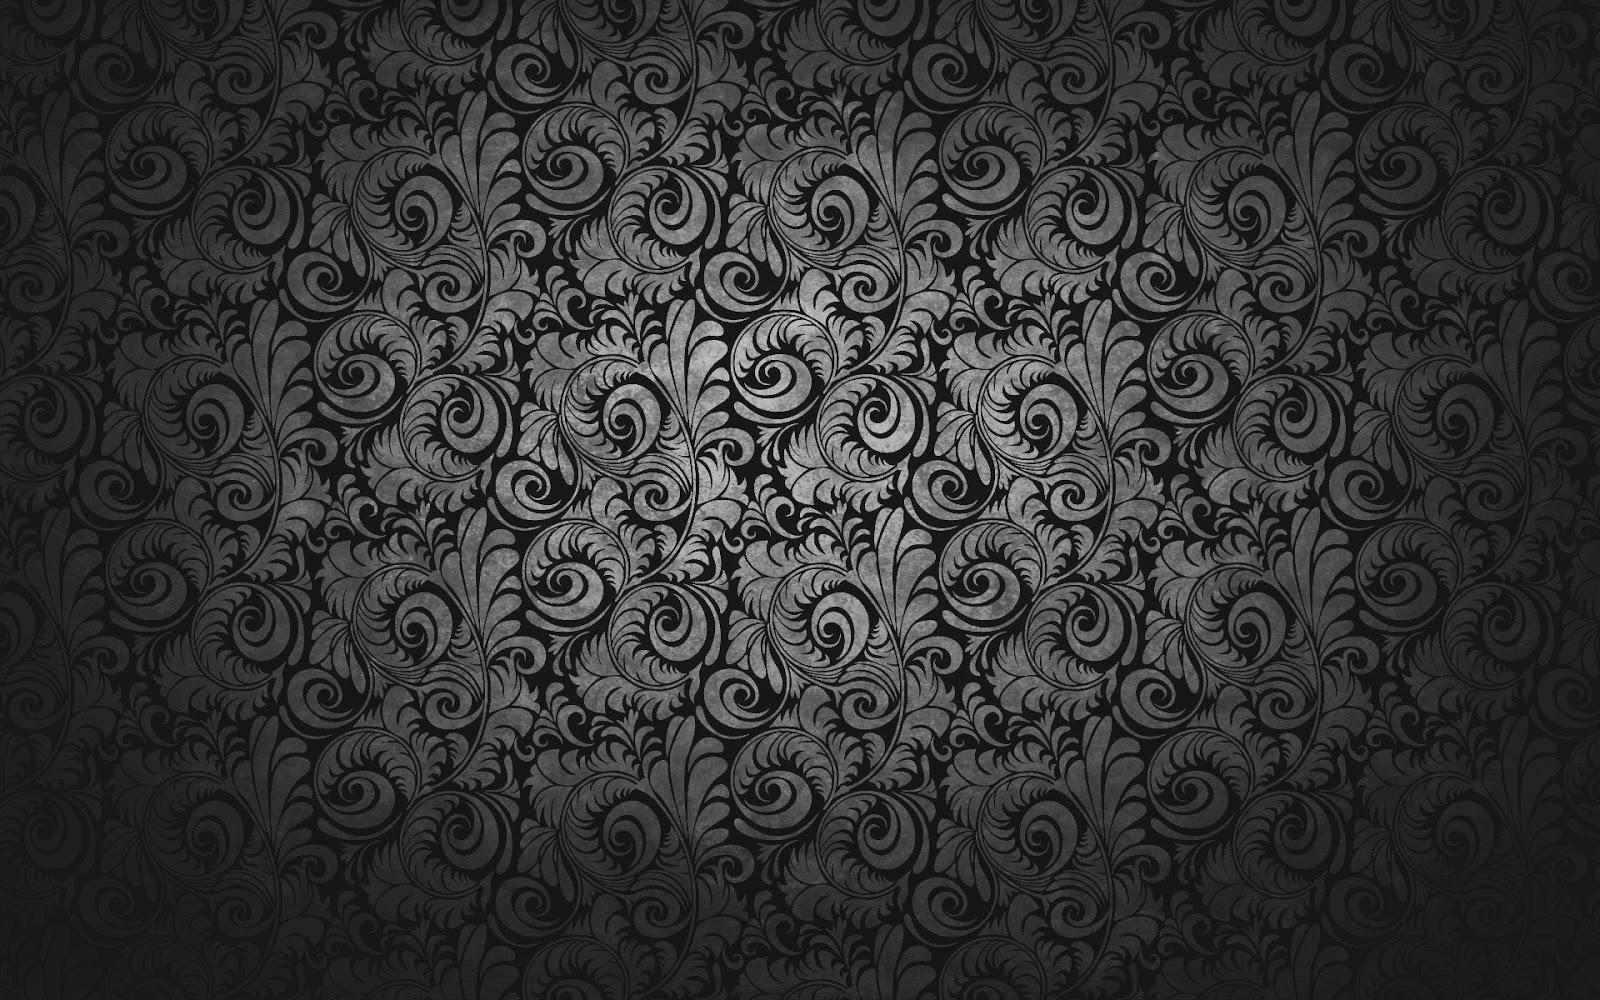 صور عالية الدقة خلفيات فوتوشوب المجرة التقنية